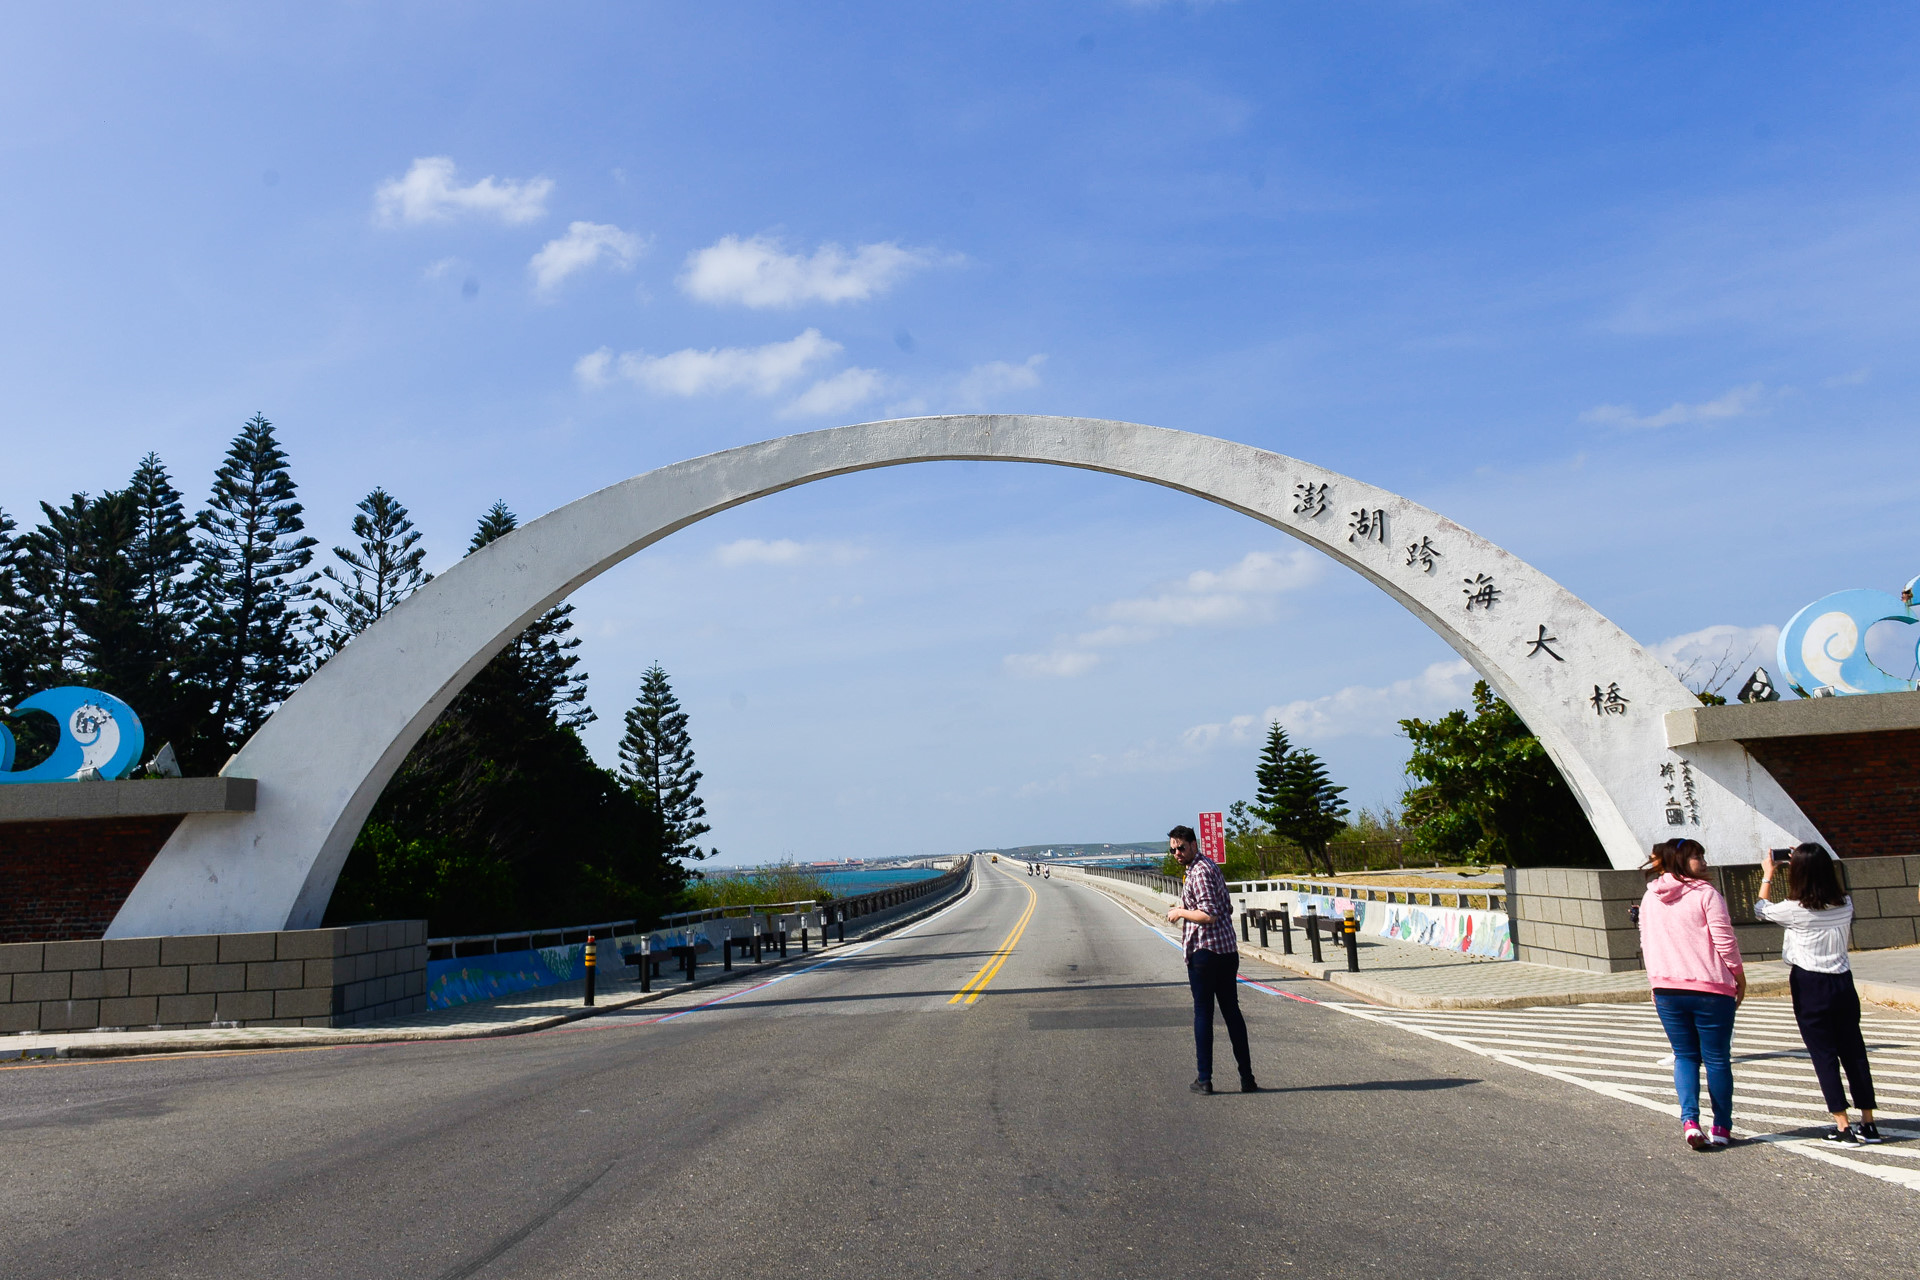 Viên ngọc của Thượng Đế trên eo biển Đài Loan Ảnh 5